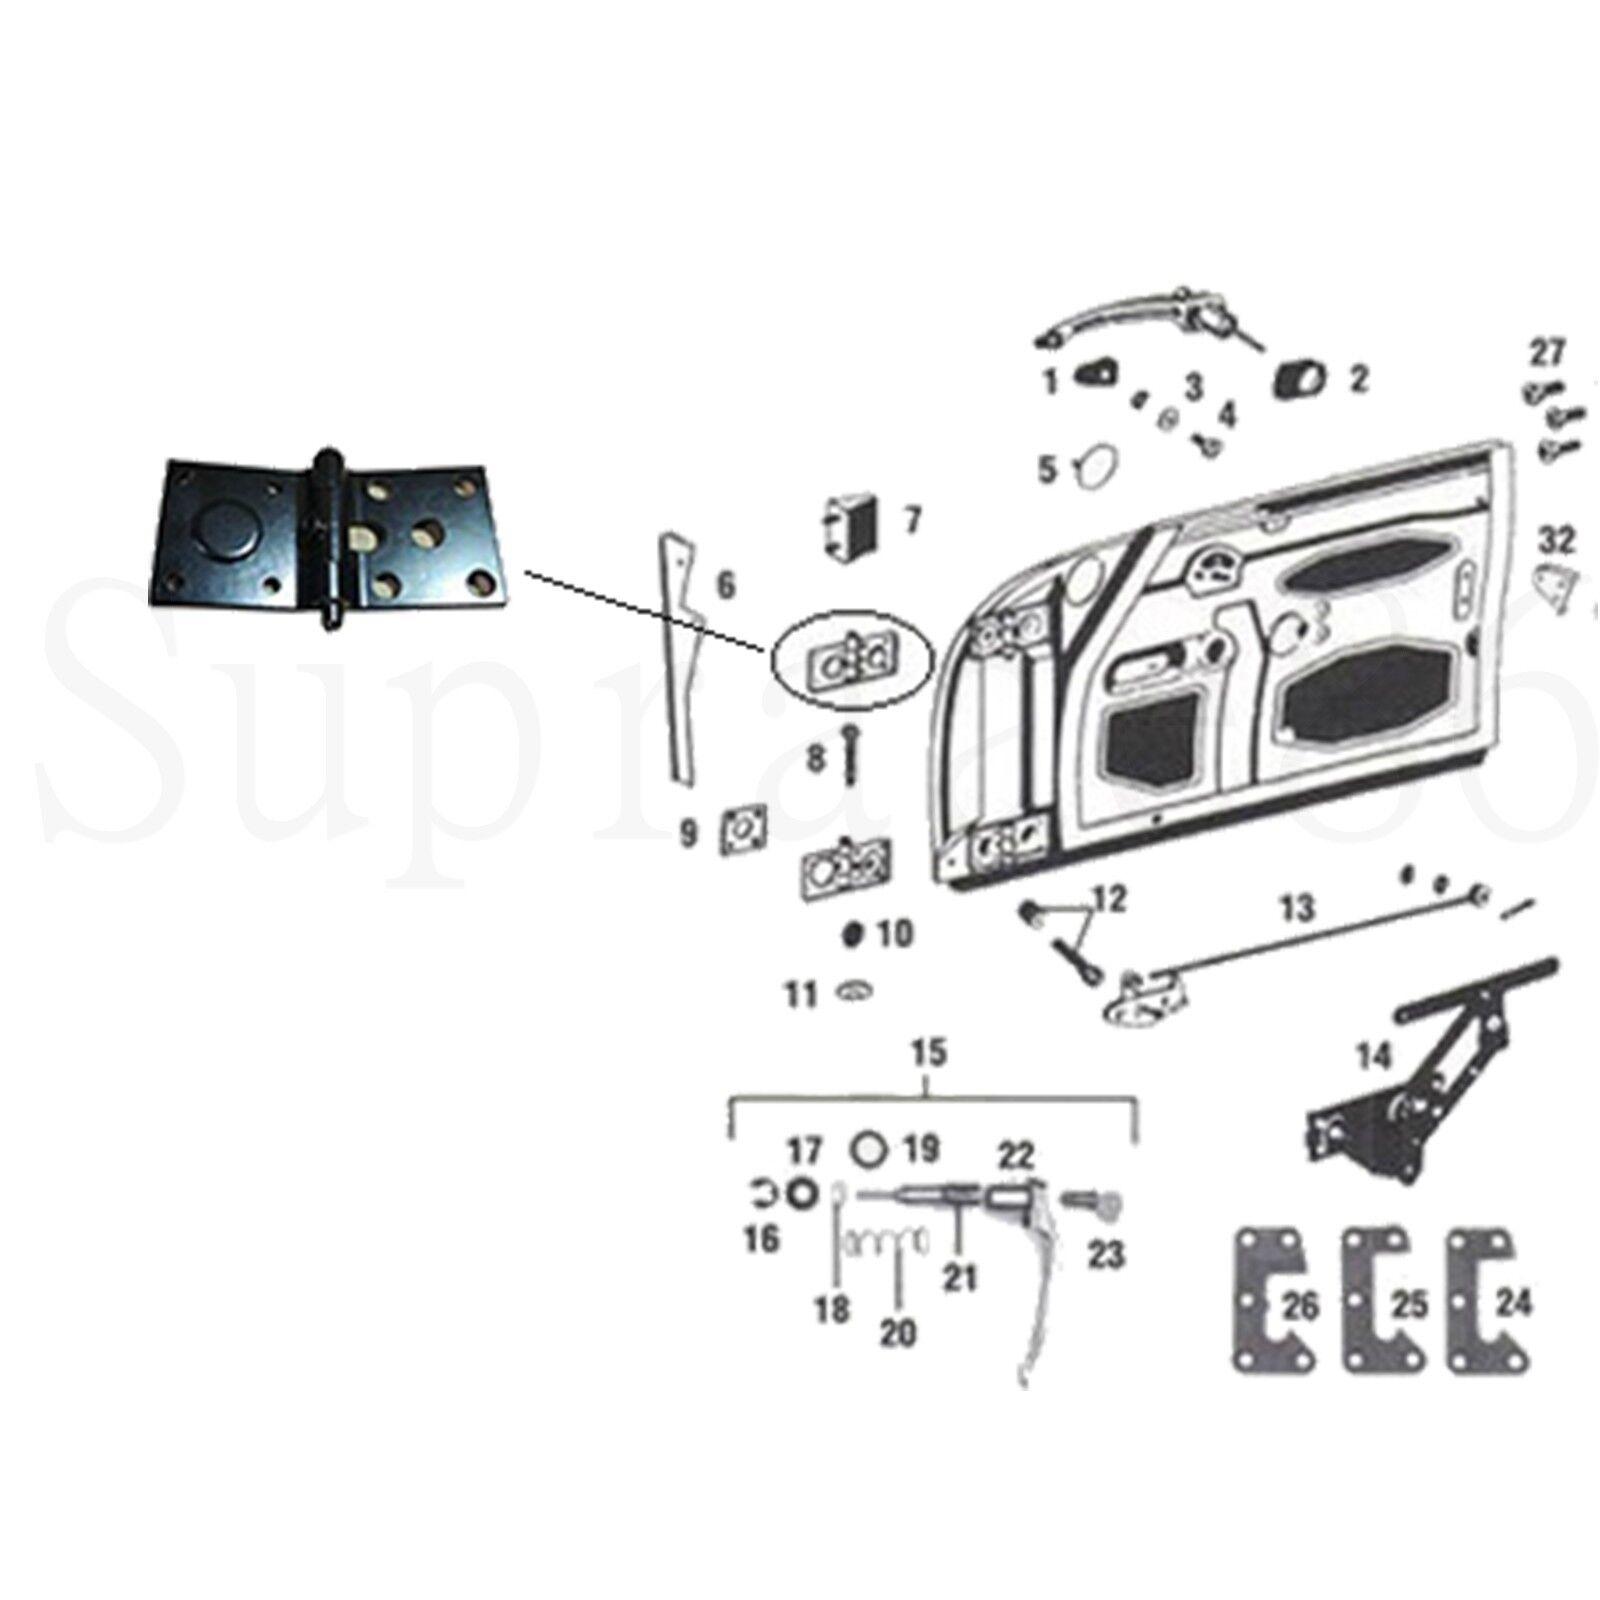 1962 1965 Porsche 356 B T6 356c Door Hinge Upper Right 64453103204 356a Wiring Diagram